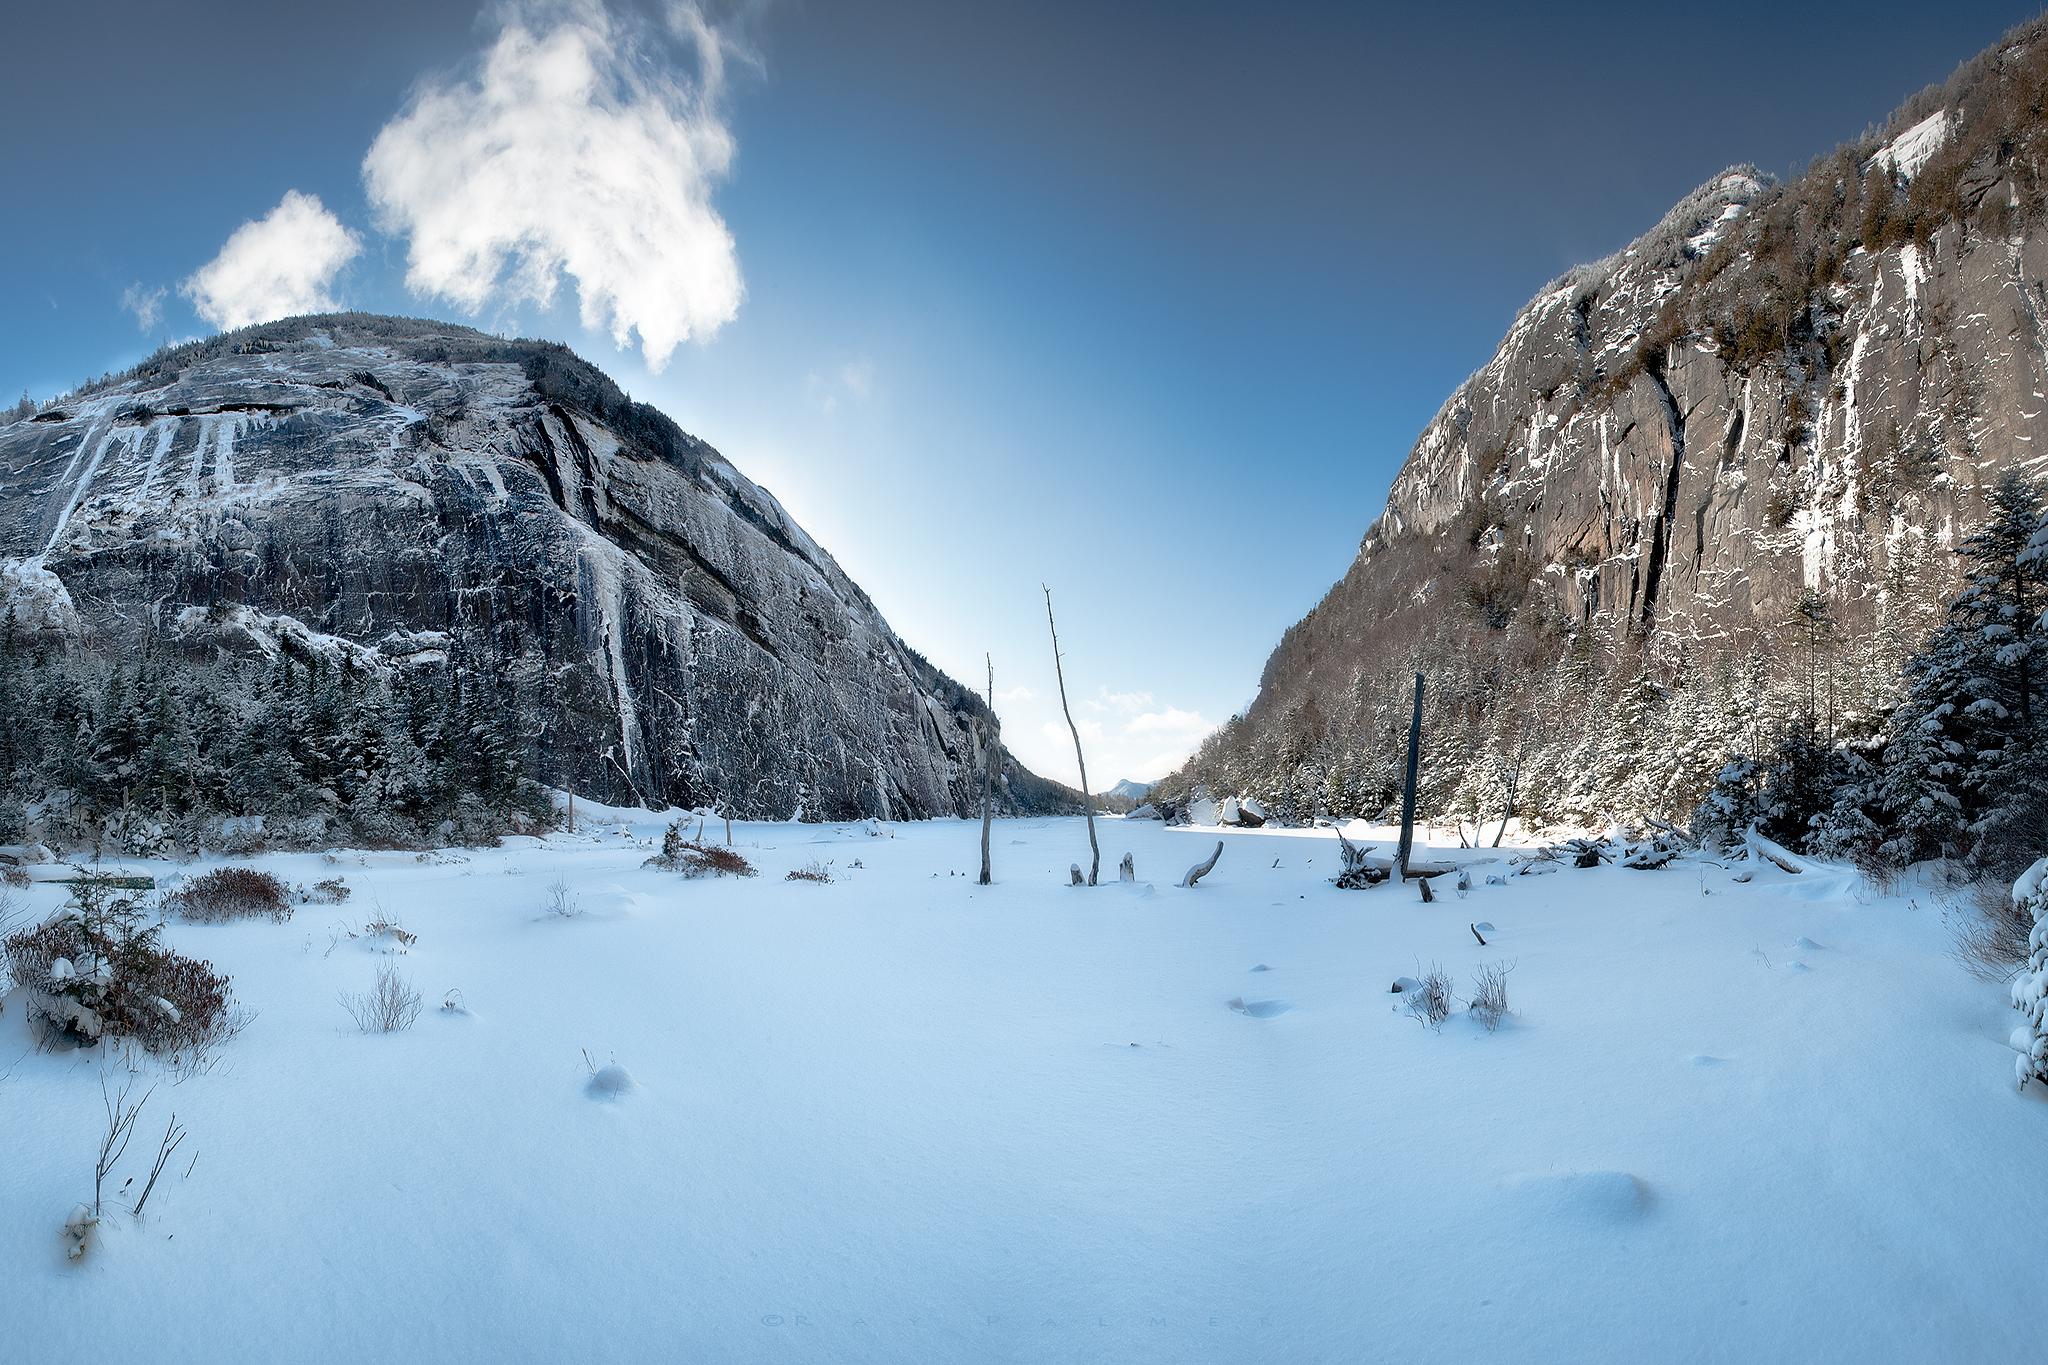 Fondo Escritorio Paisaje Nevada En Cumbre: Fondos De Pantalla : Paisaje, Montañas, Lago, Naturaleza